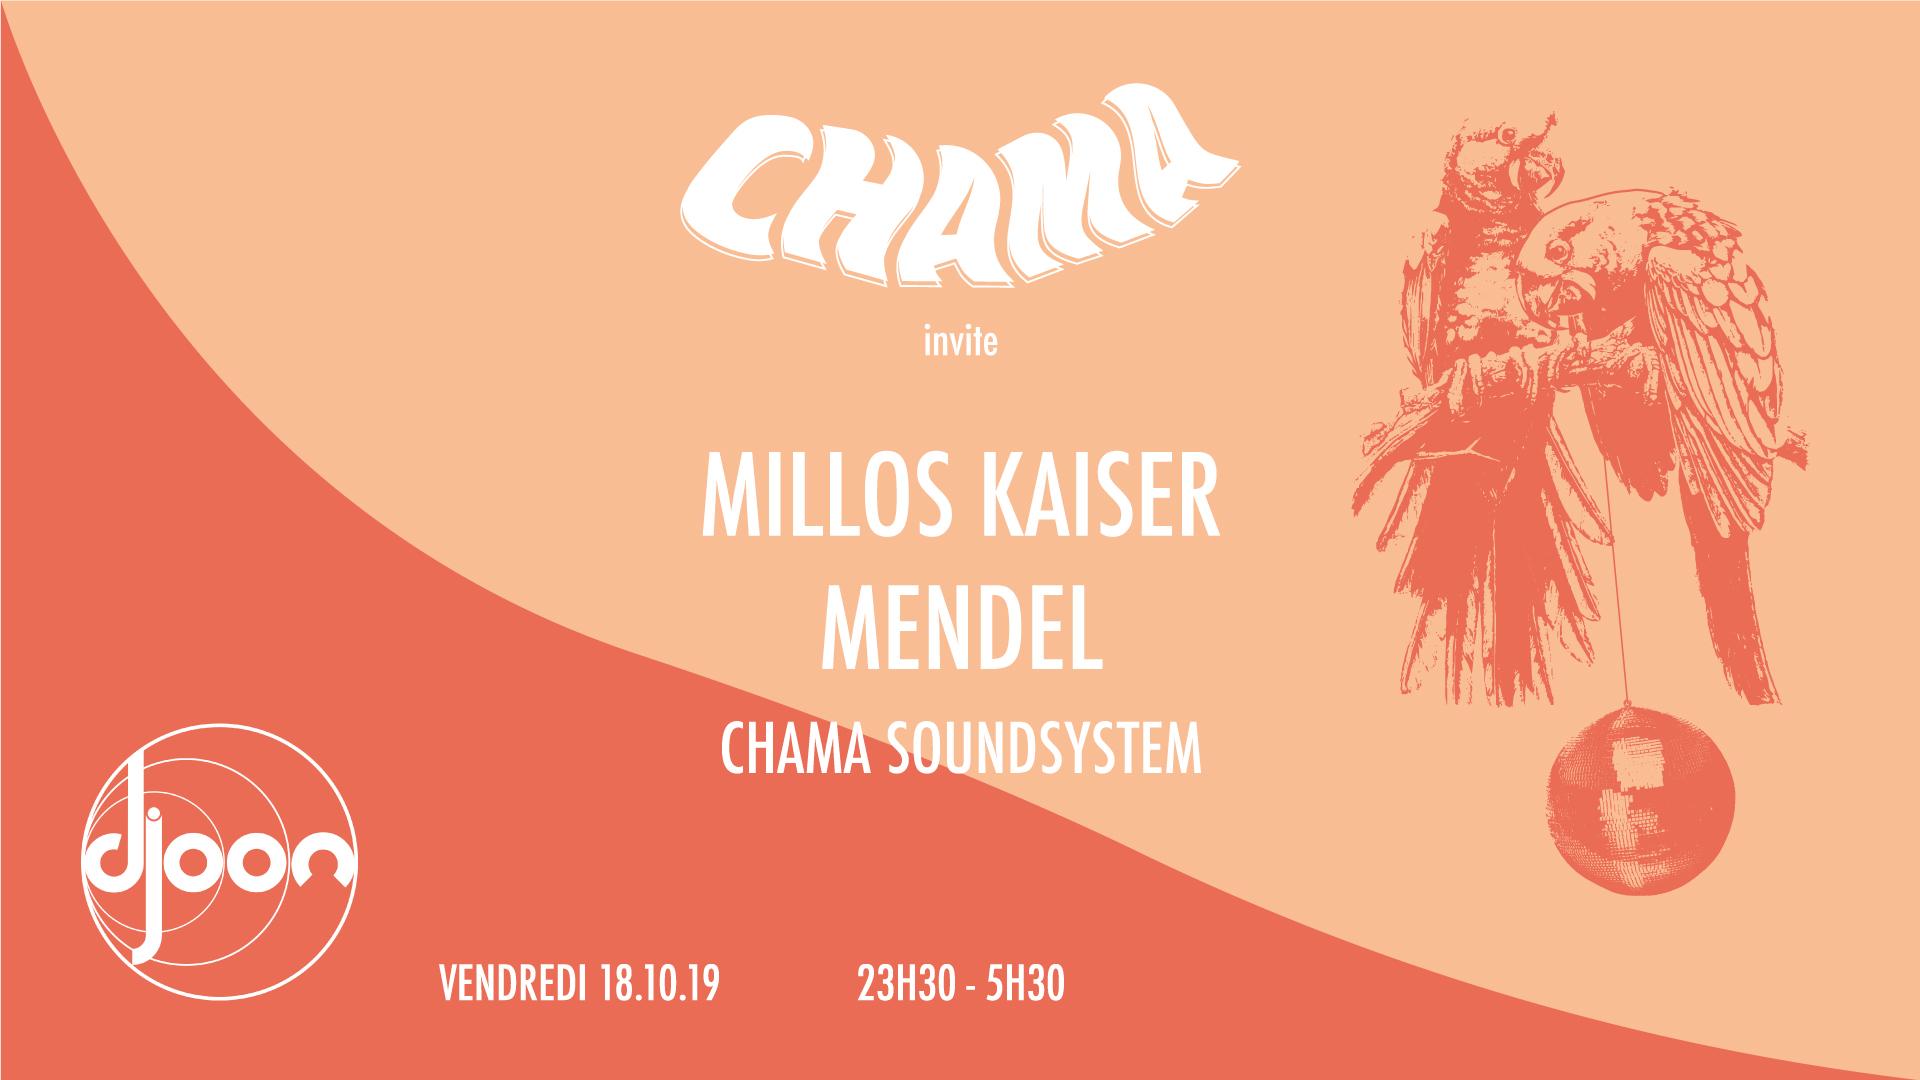 Chama invite Mendel & Millos Kaiser